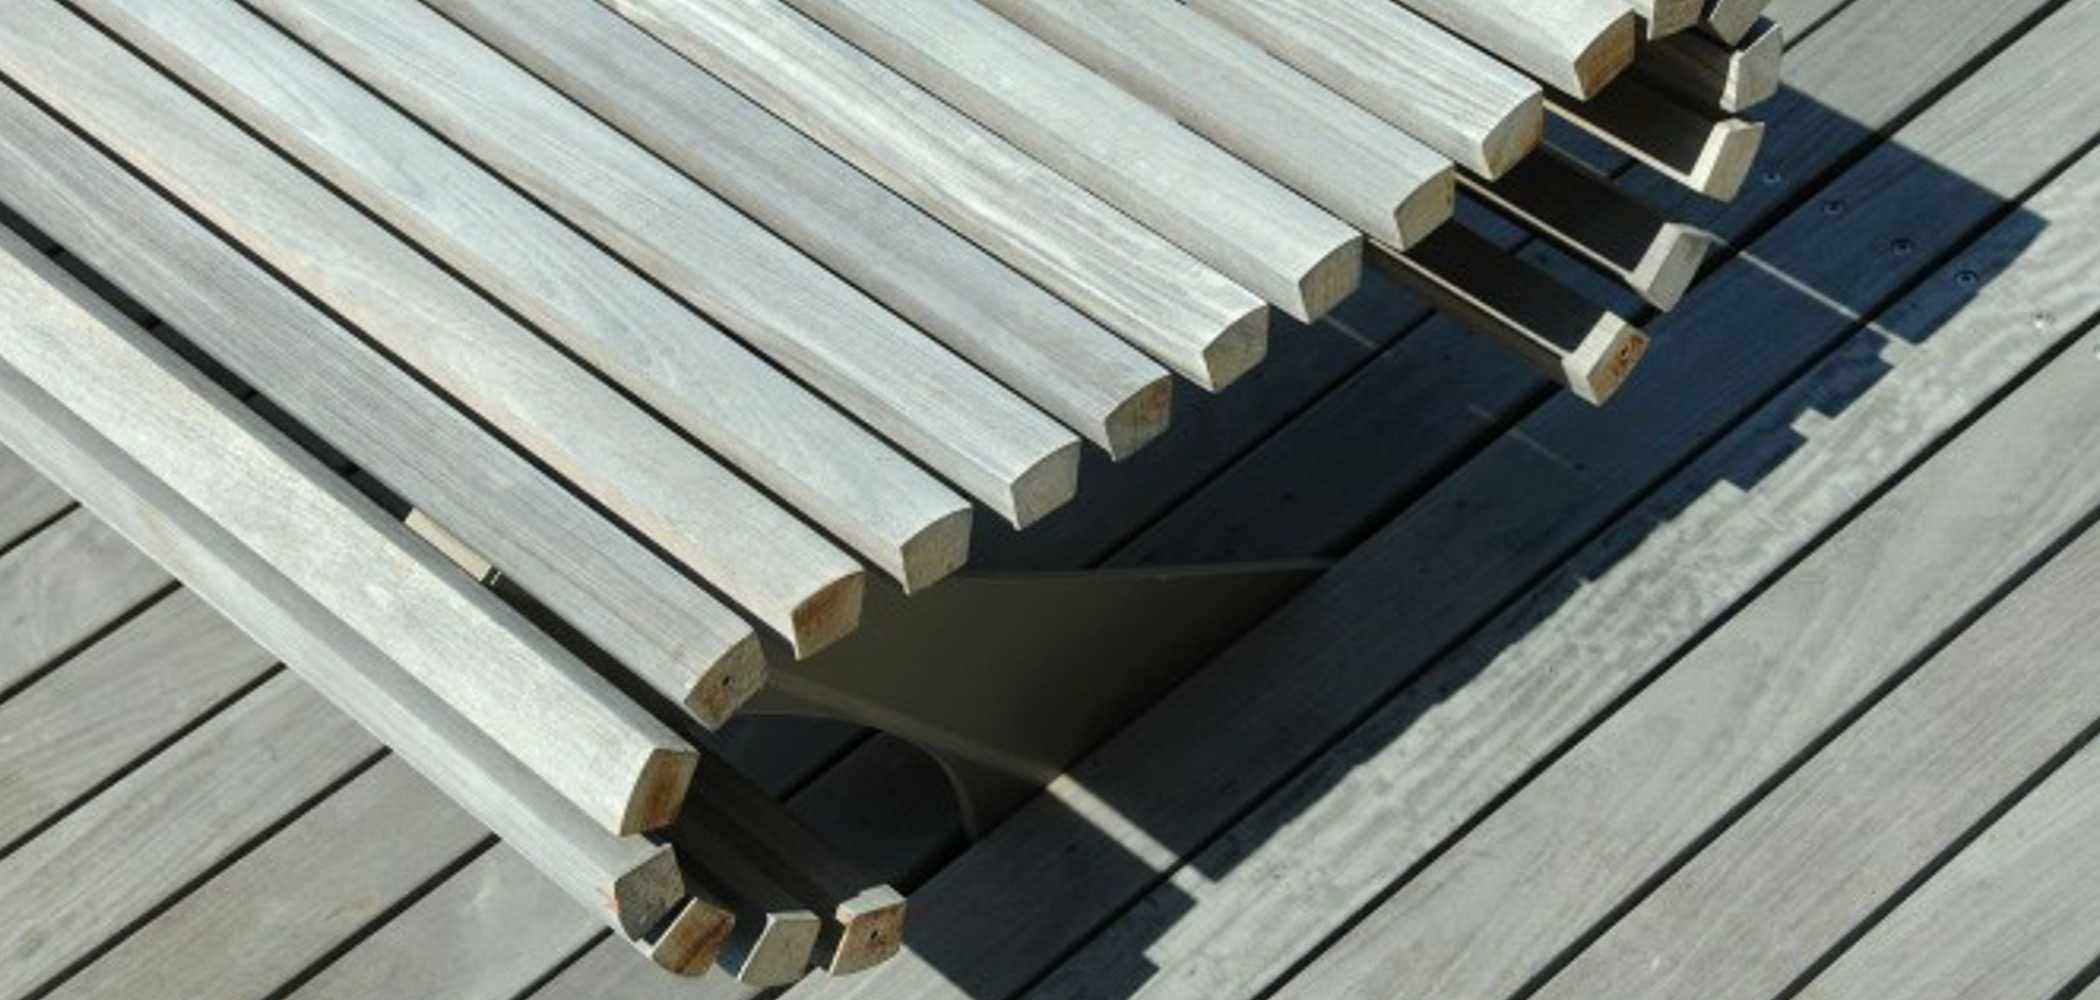 Banc en bois de style contemporain sans dossier pouf by metalco design west 8 urban design - Banc en bois sans dossier ...